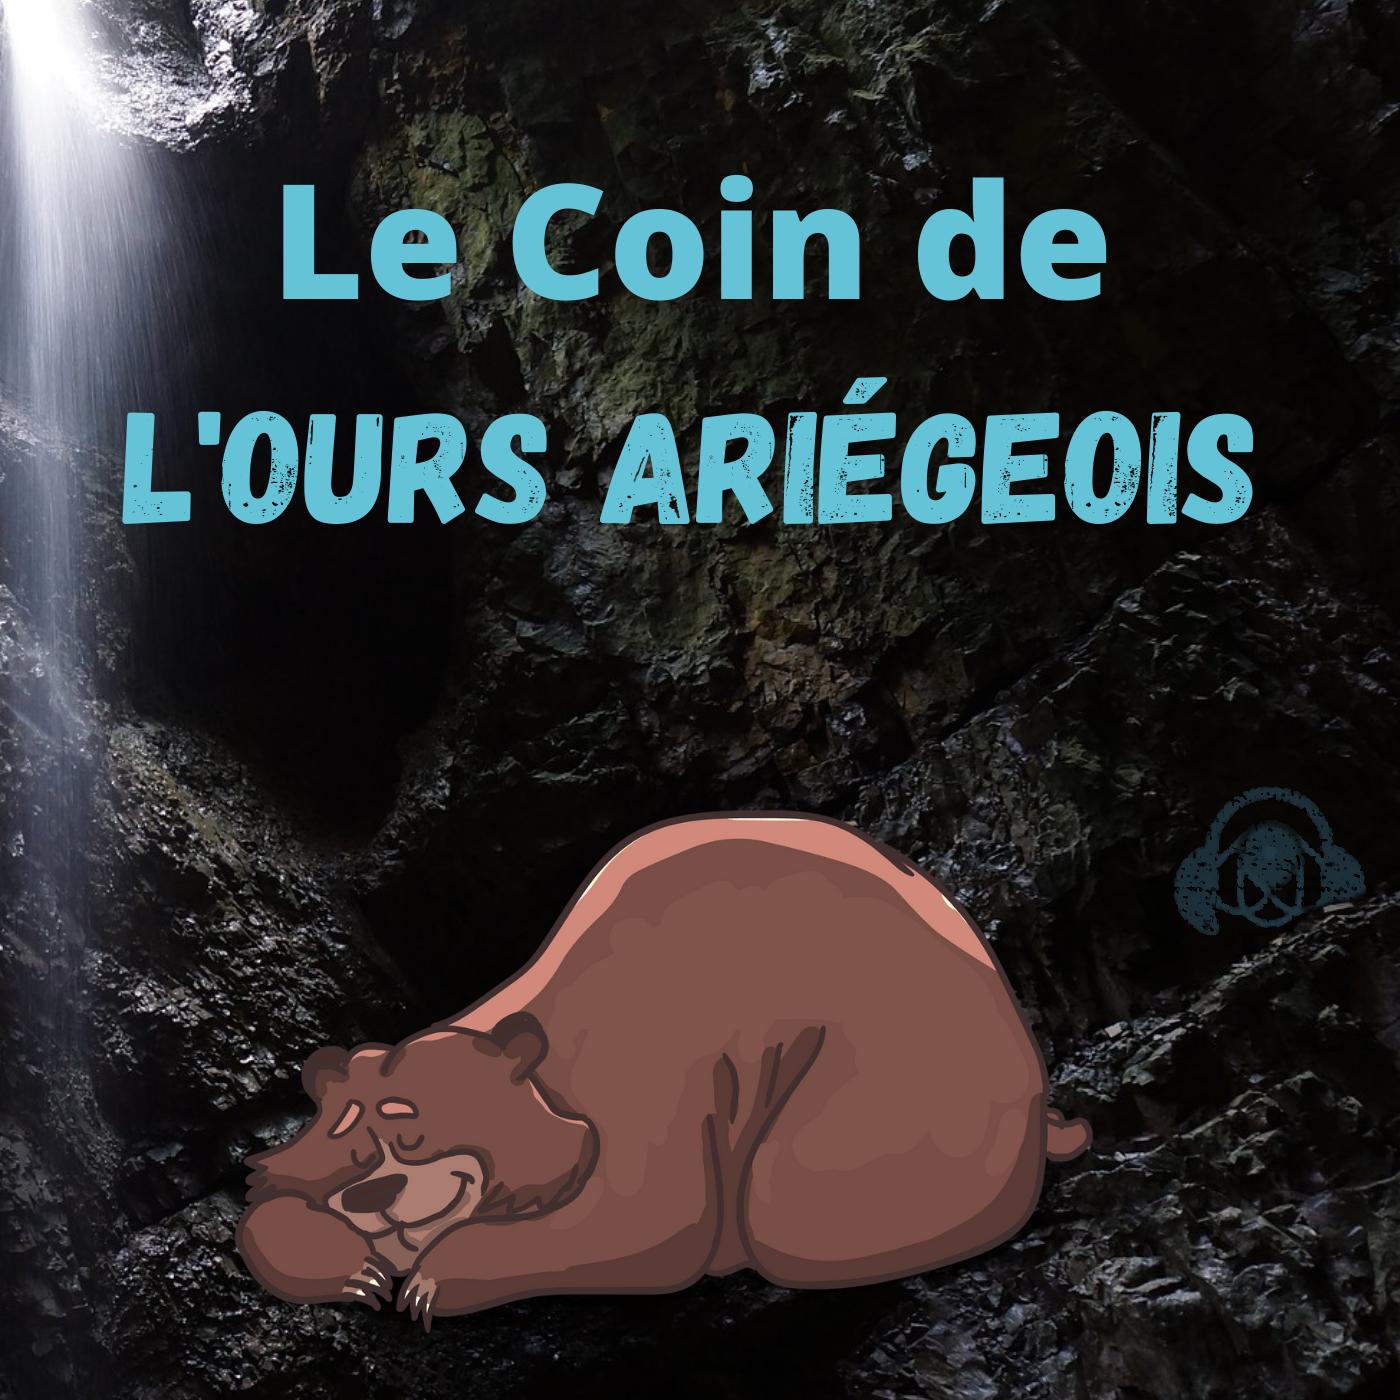 LE COIN DE L'OURS ARIÉGEOIS